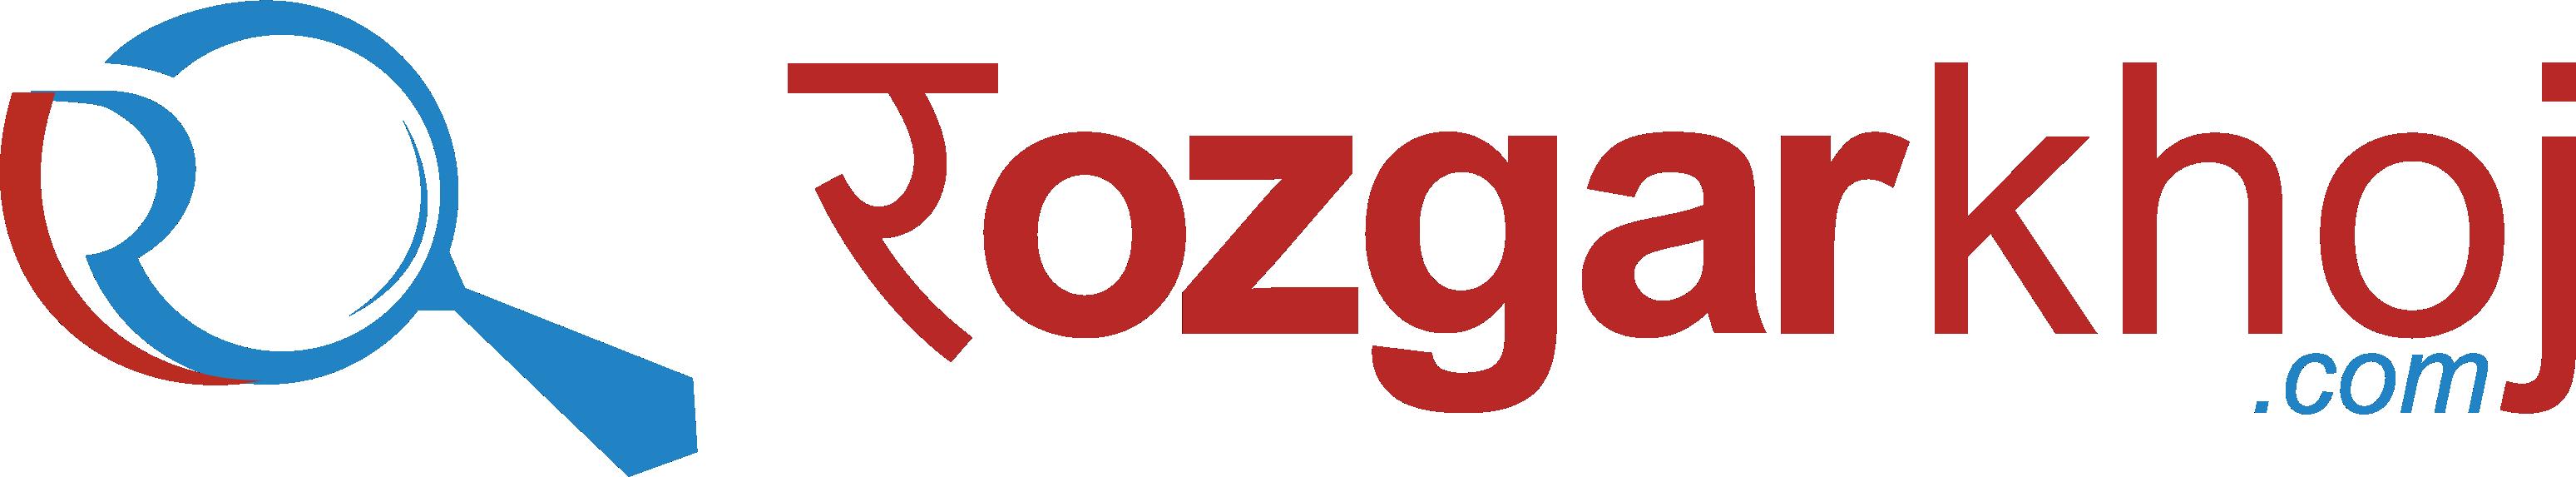 Rozgarkhoj.com